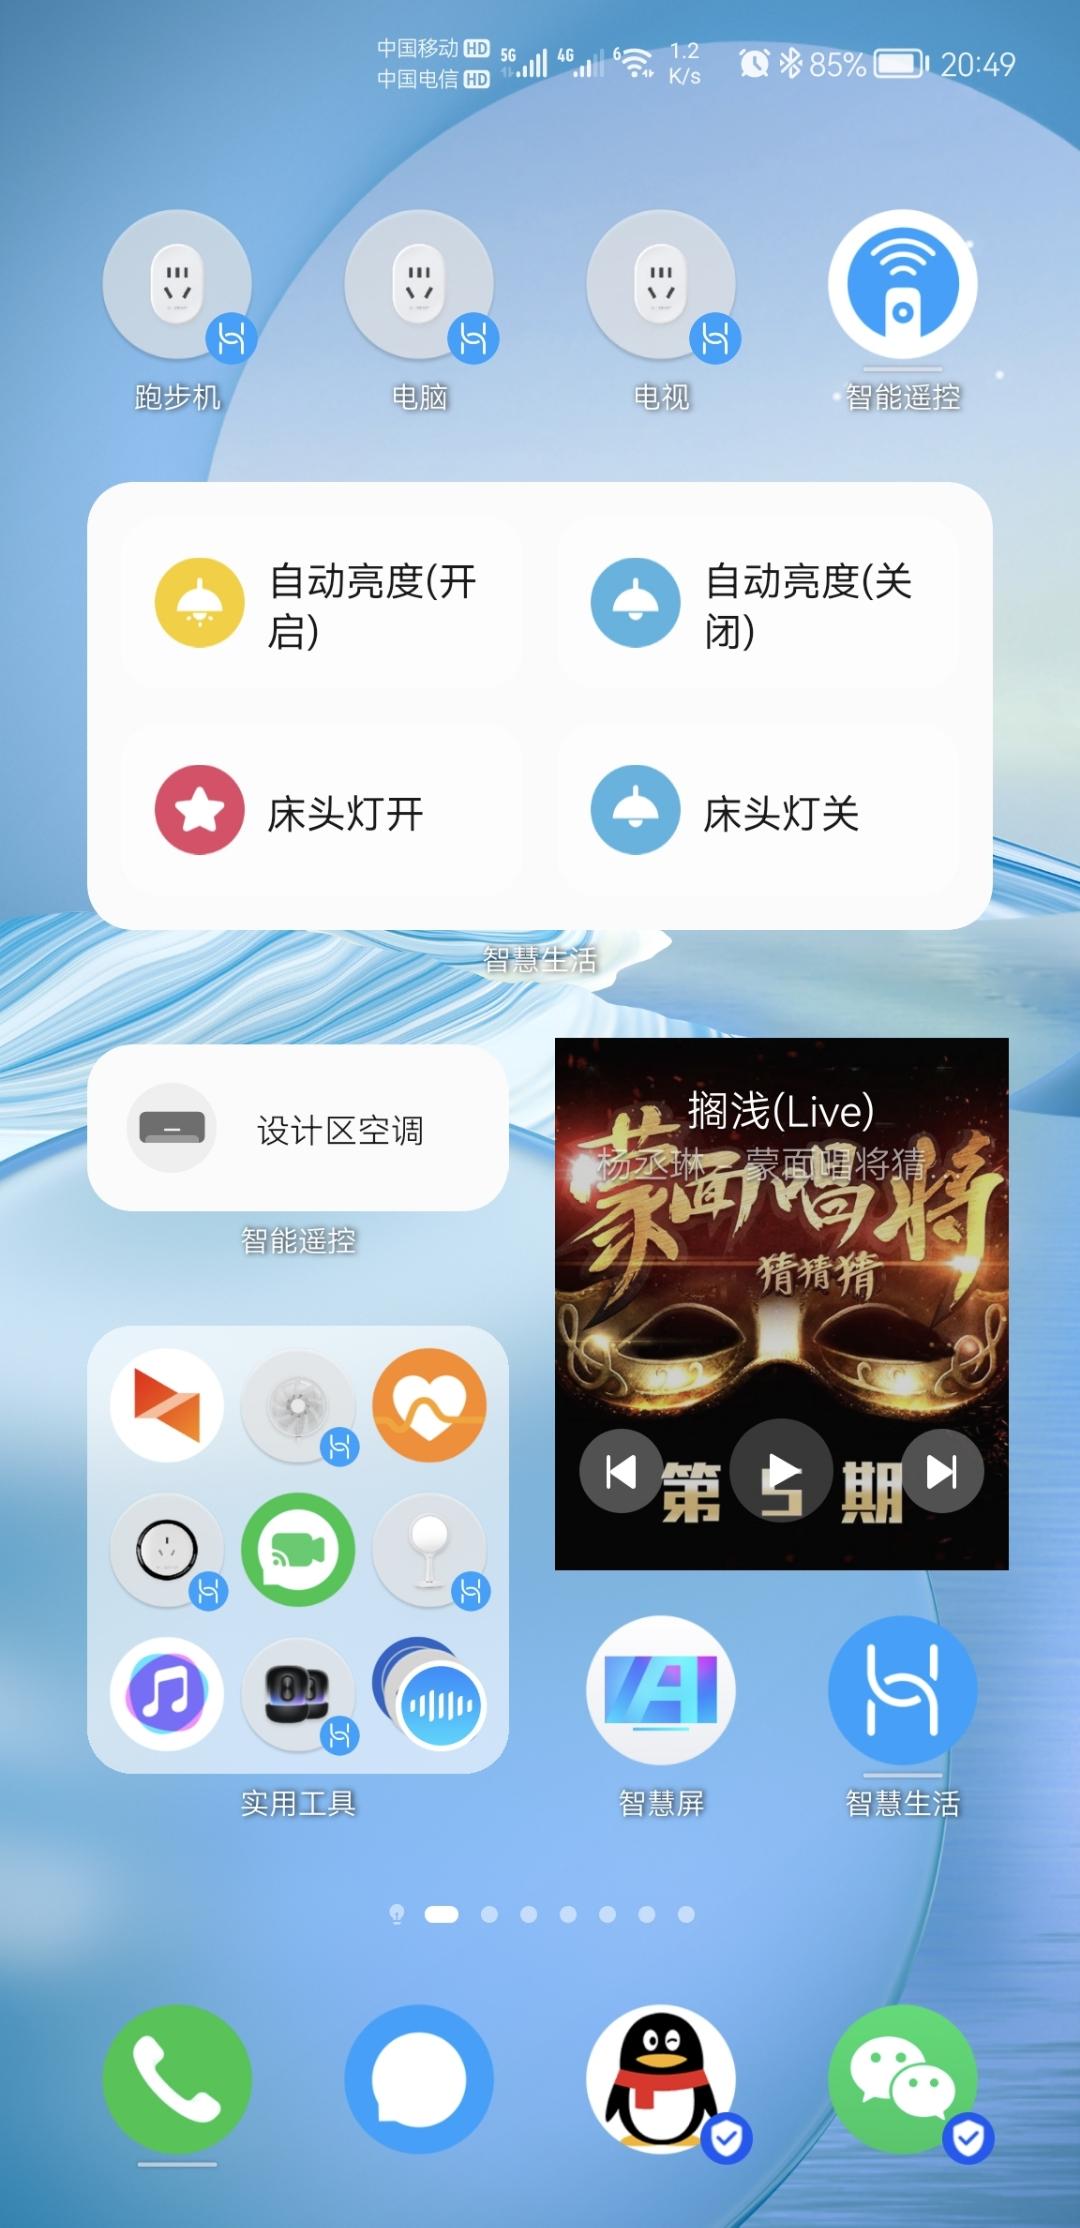 Screenshot_20210907_204916_com.huawei.android.launcher.jpg